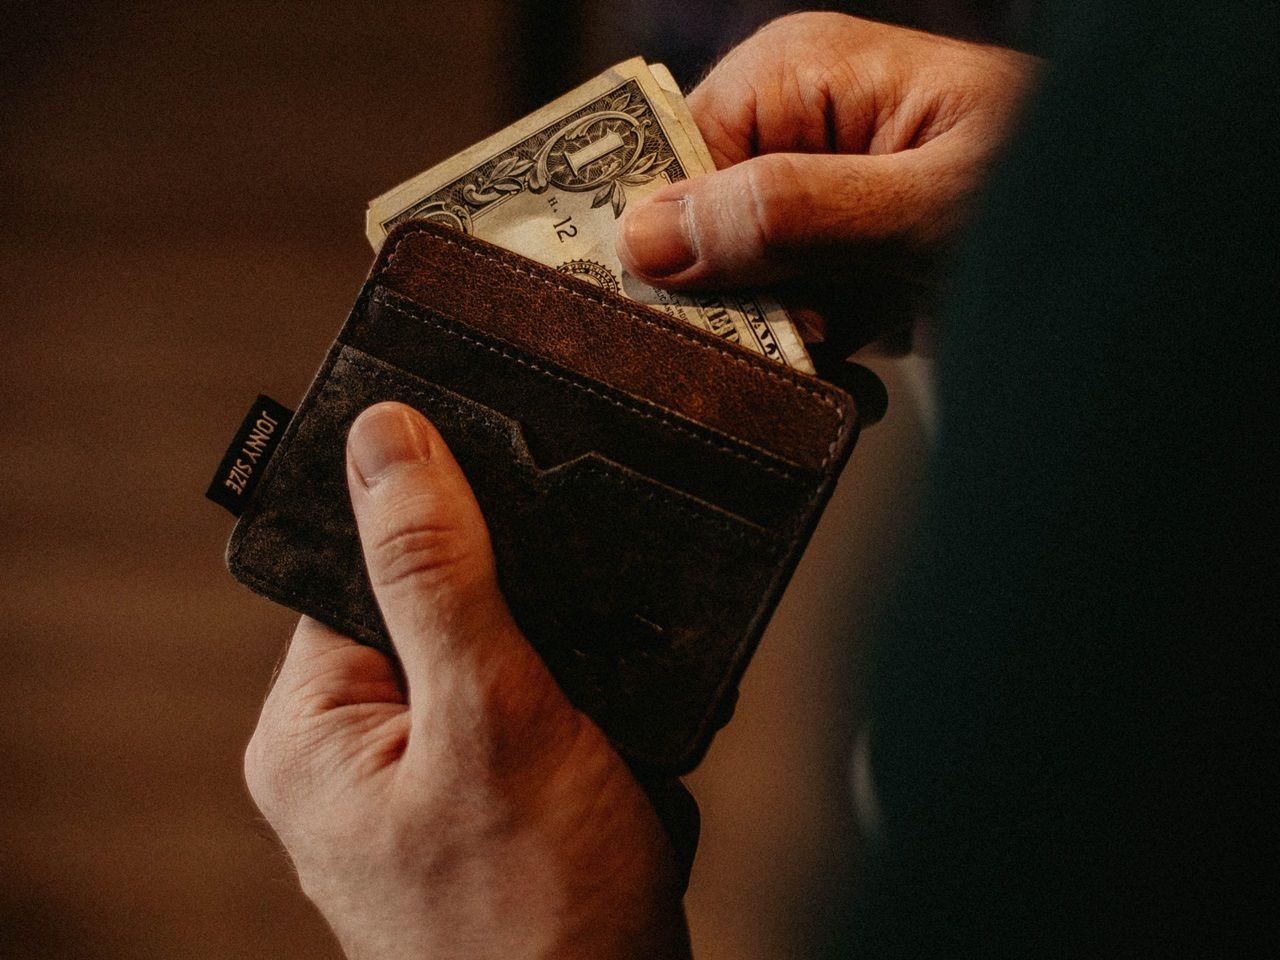 150637071b2e7 Ale jest jeszcze jedna rzecz, o której możesz zapomnieć: portfel. Jaki  elegancki portfel do garnituru będzie najlepszy?